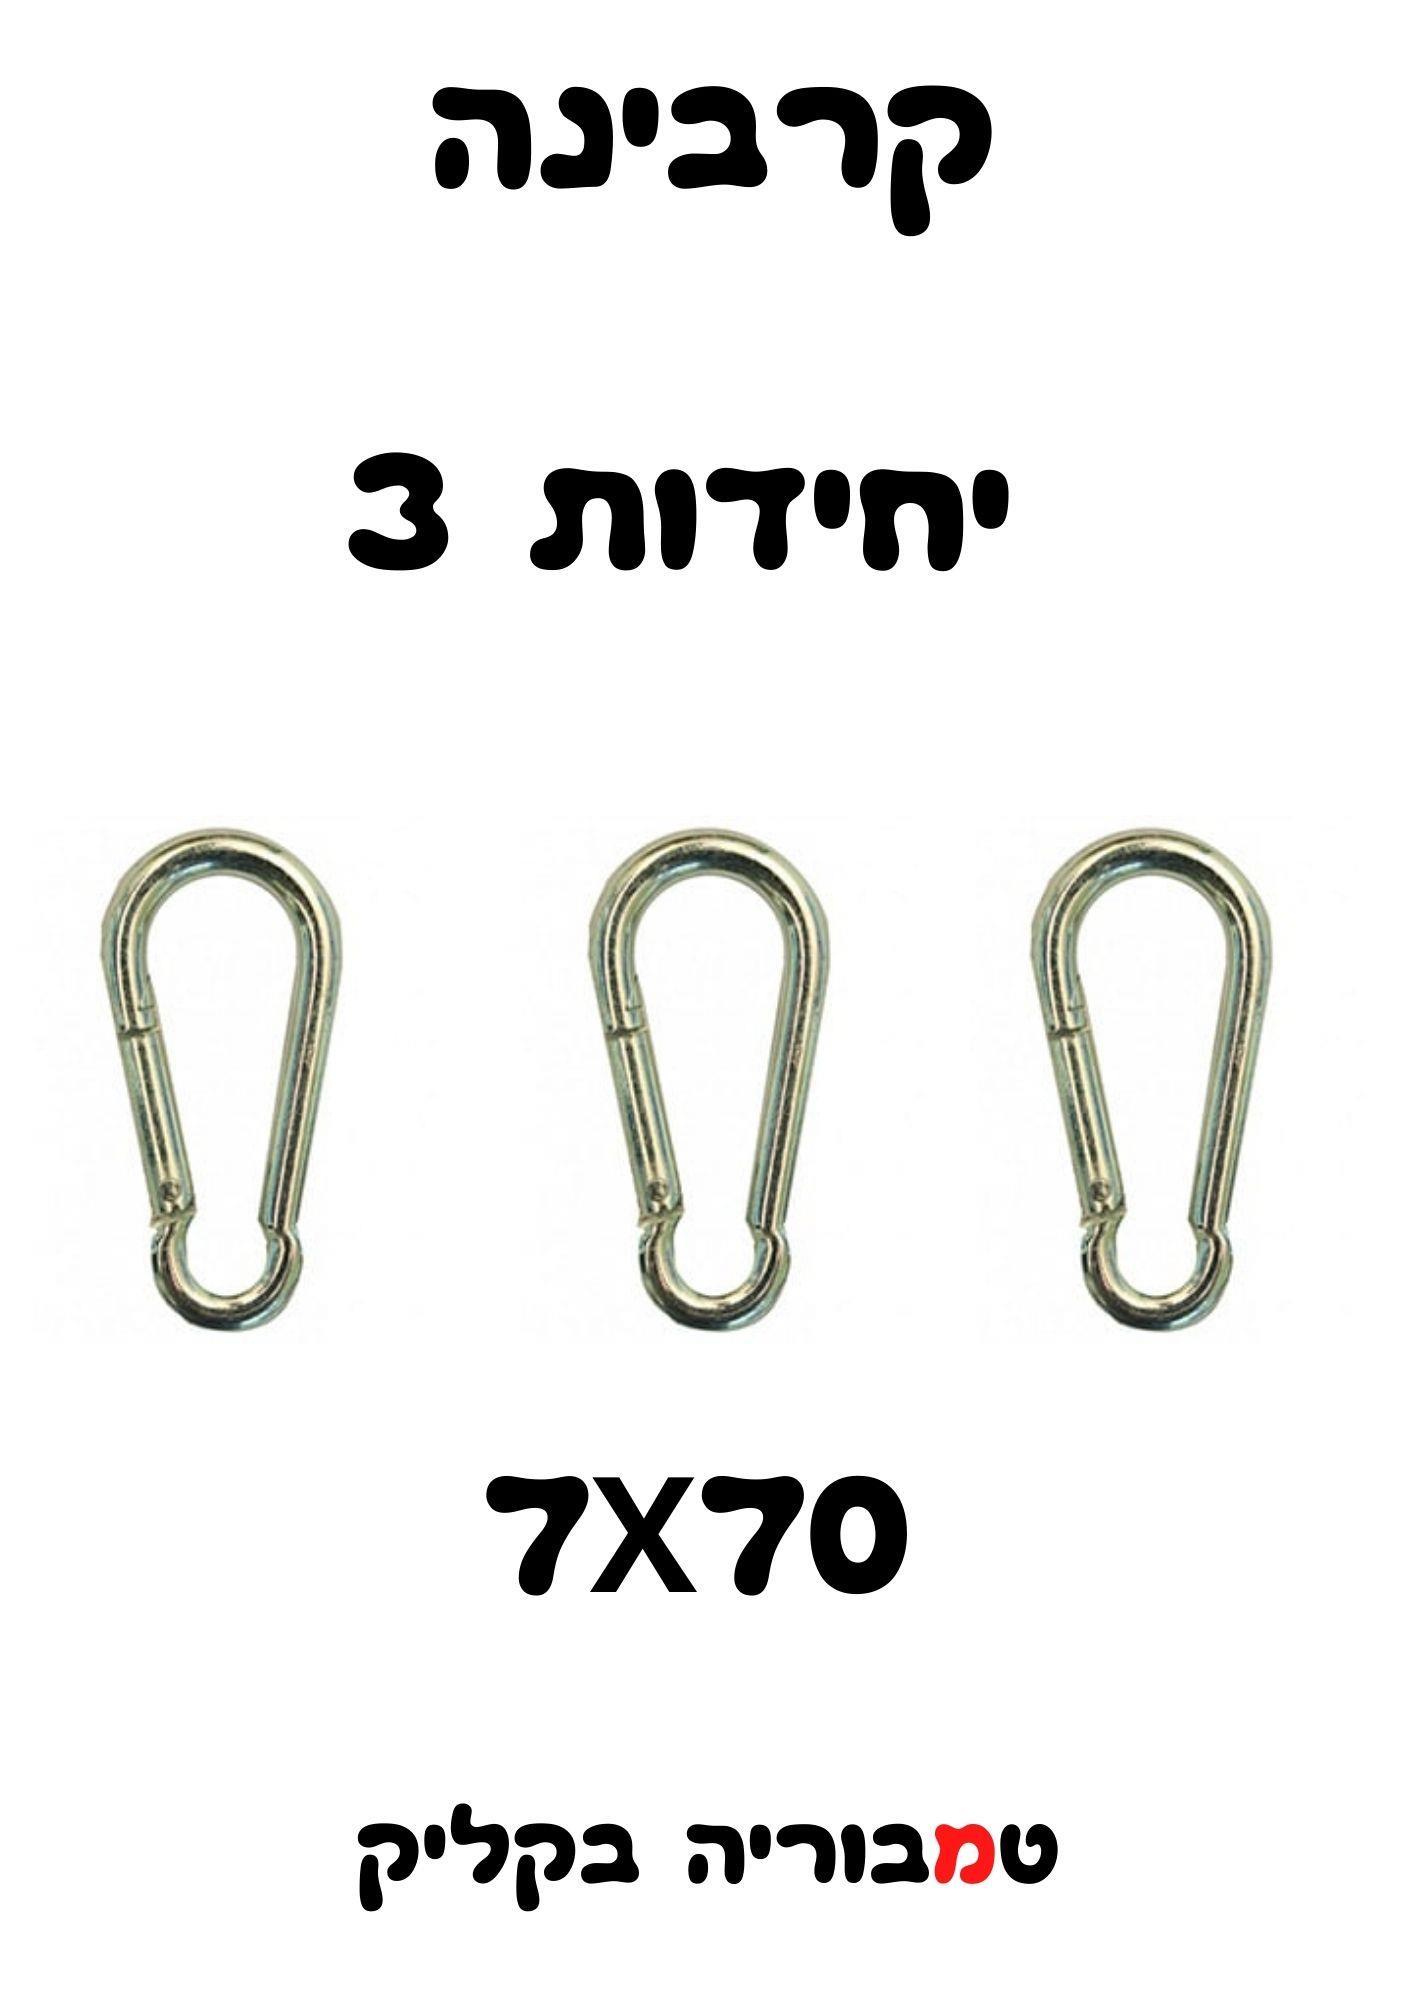 3 יחידות - קרבינה מידה 7X70